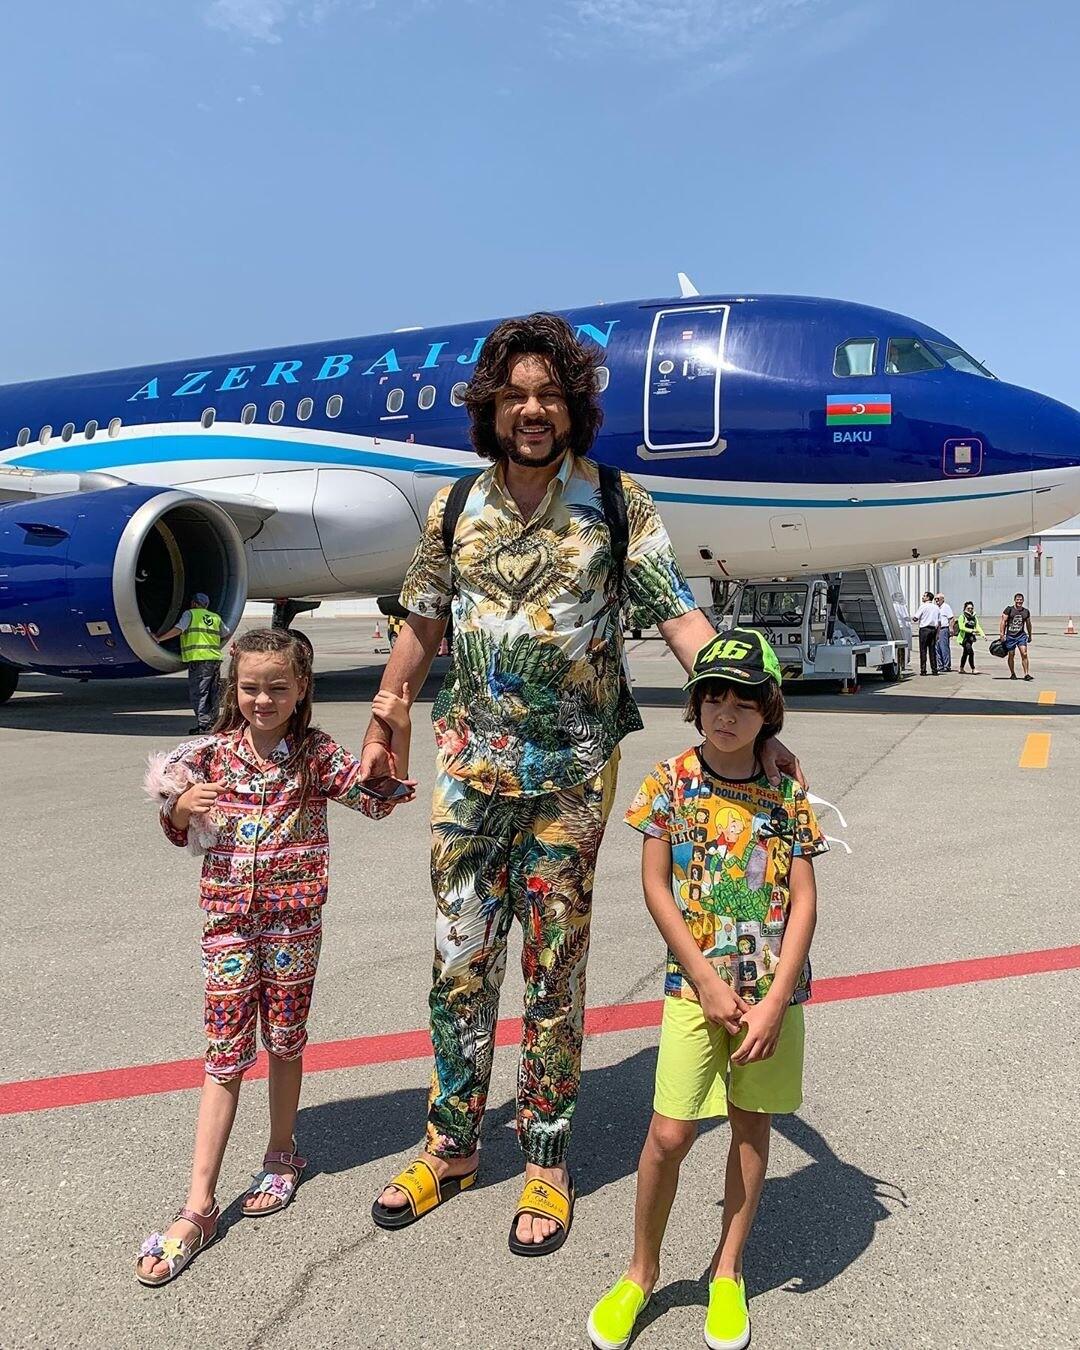 Филипп Киркоров полетел на фестиваль в Баку в шикарном самолете с огромной кроватью (видео)